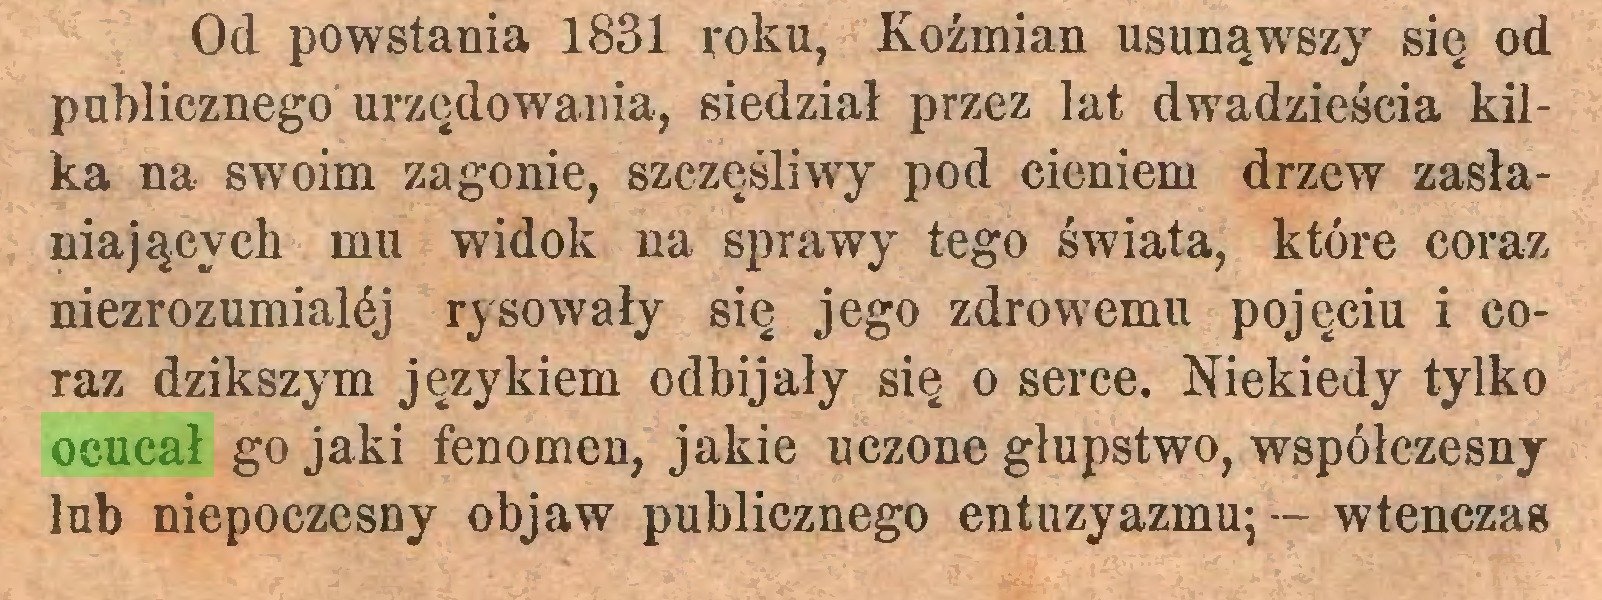 (...) Od powstania 1831 roku, Koźmian usunąwszy się od publicznego urzędowania, siedział przez lat dwadzieścia kilka na swoim zagonie, szczęśliwy pod cieniem drzew zasłaniających mu widok na sprawy tego świata, które coraz niezrozumialćj rysowały się jego zdrowemu pojęciu i coraz dzikszym językiem odbijały się o serce. Niekiedy tylko ocucał go jaki fenomen, jakie uczone głupstwo, współczesny lub niepoczesny objaw publicznego entuzyazmu; — wtenczas...